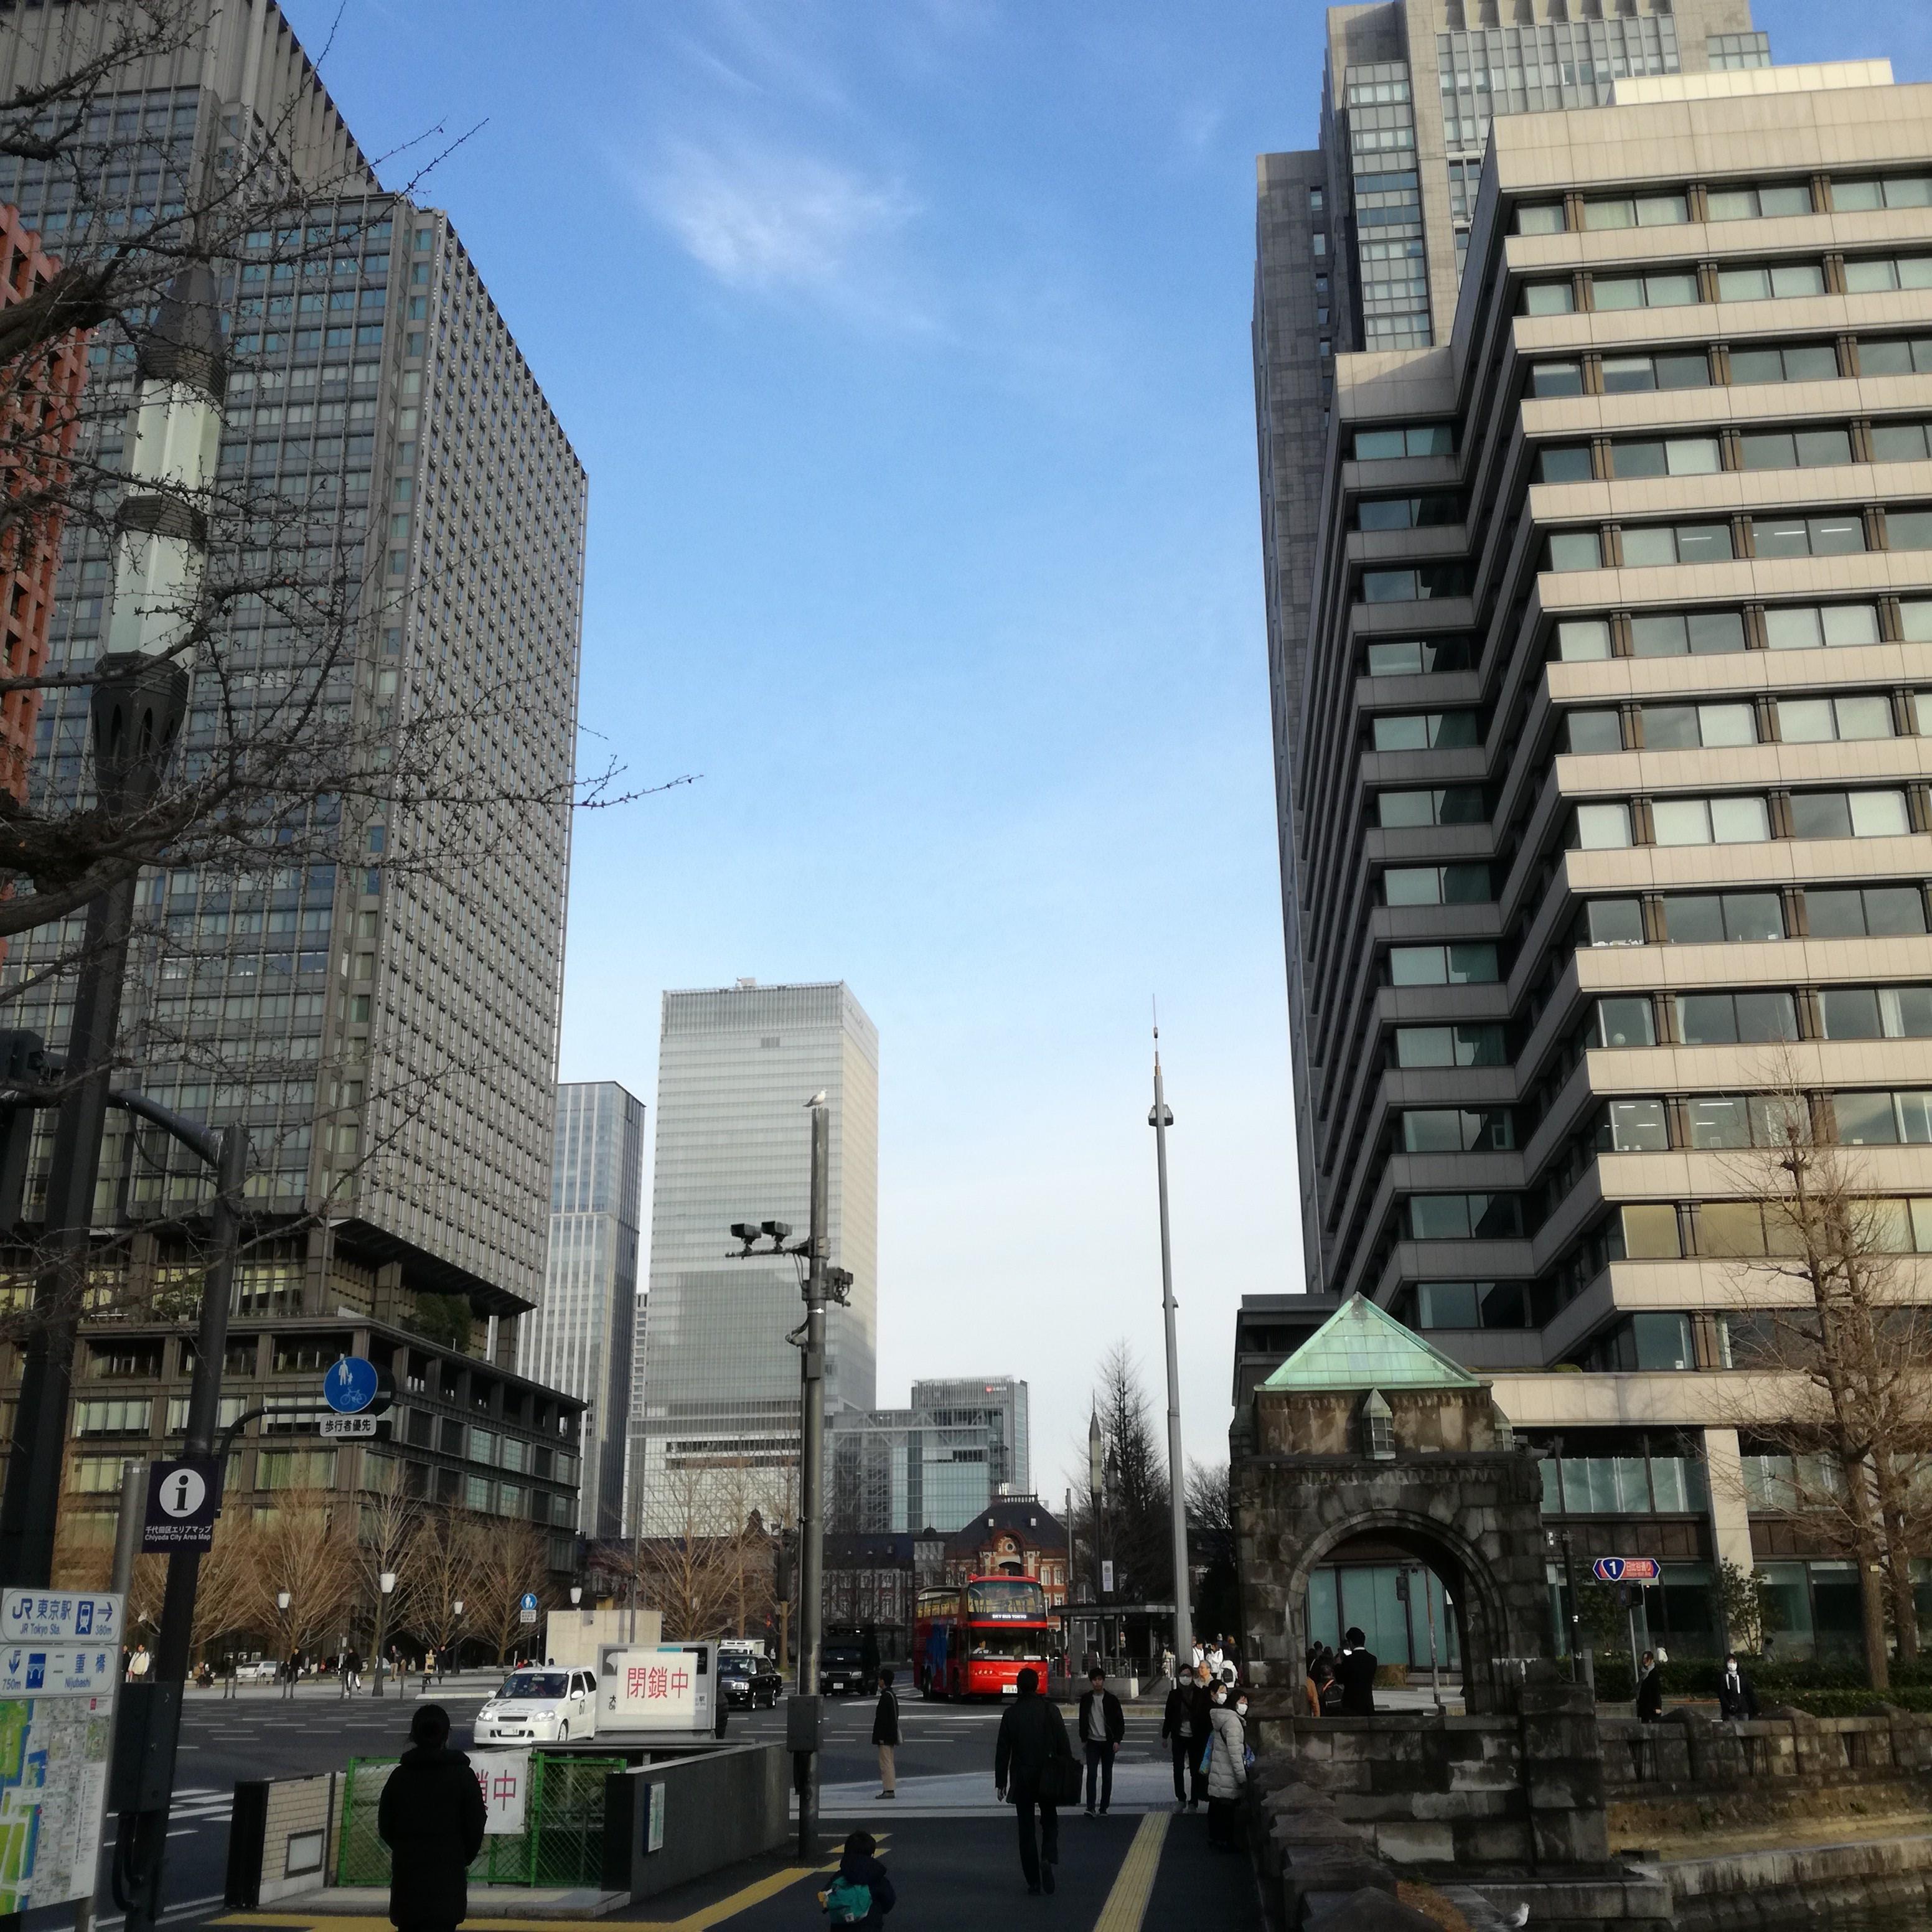 f:id:masakiwasada:20190226122608j:image